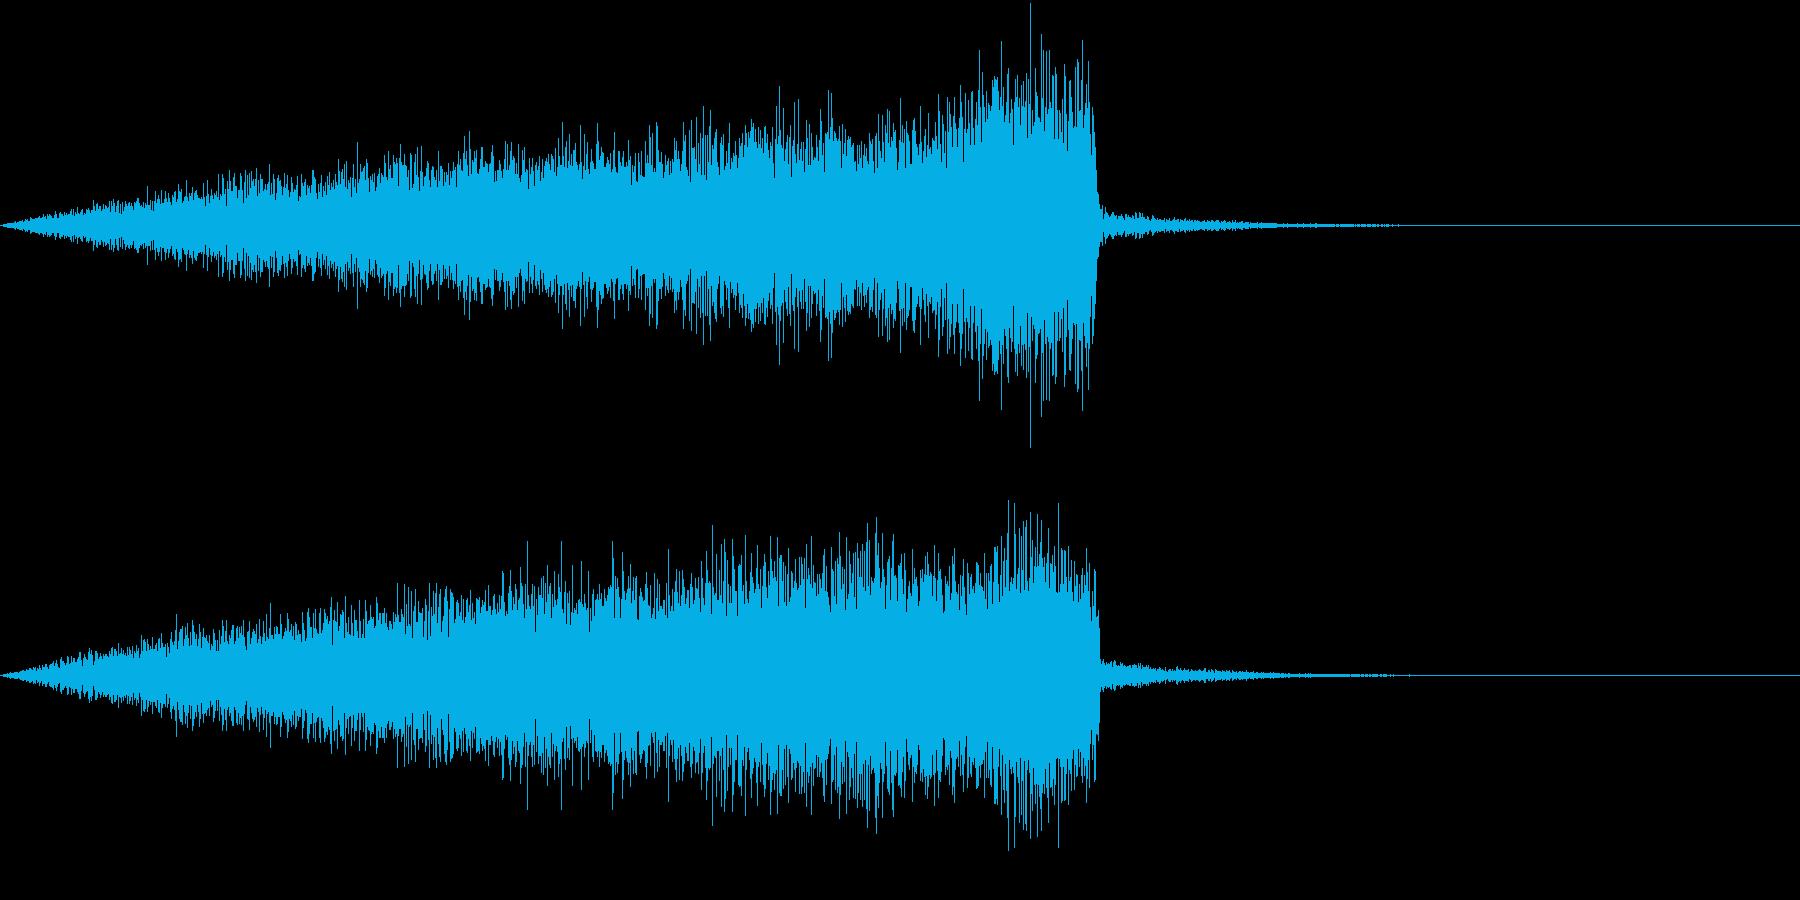 結論を出す瞬間の音の再生済みの波形